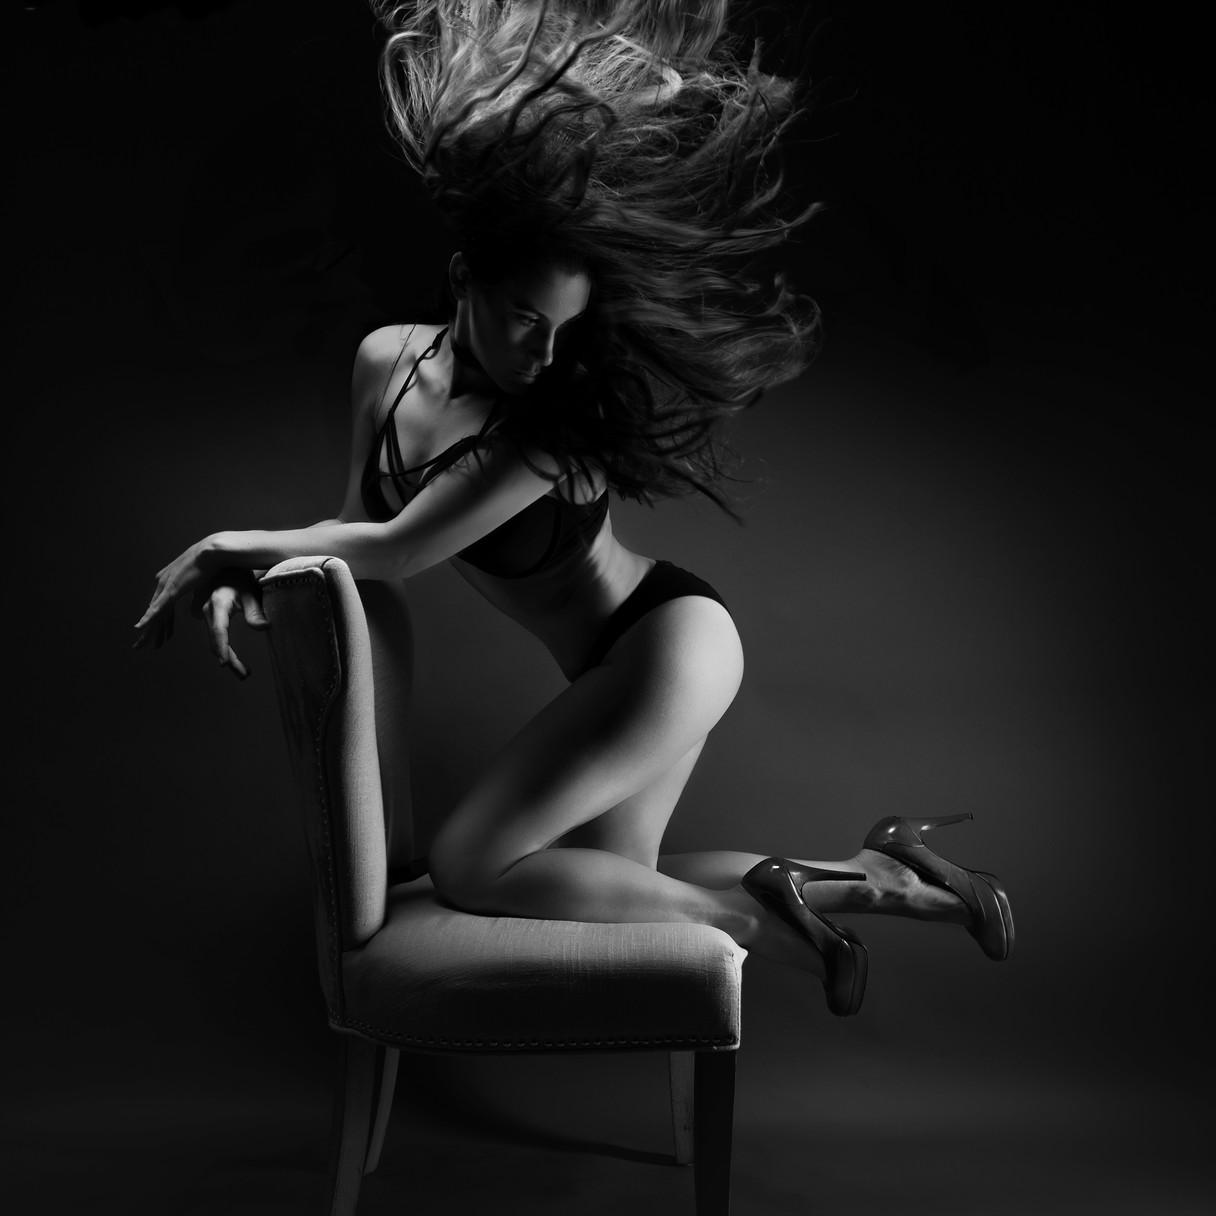 aline_hair_chair_b&w.jpg